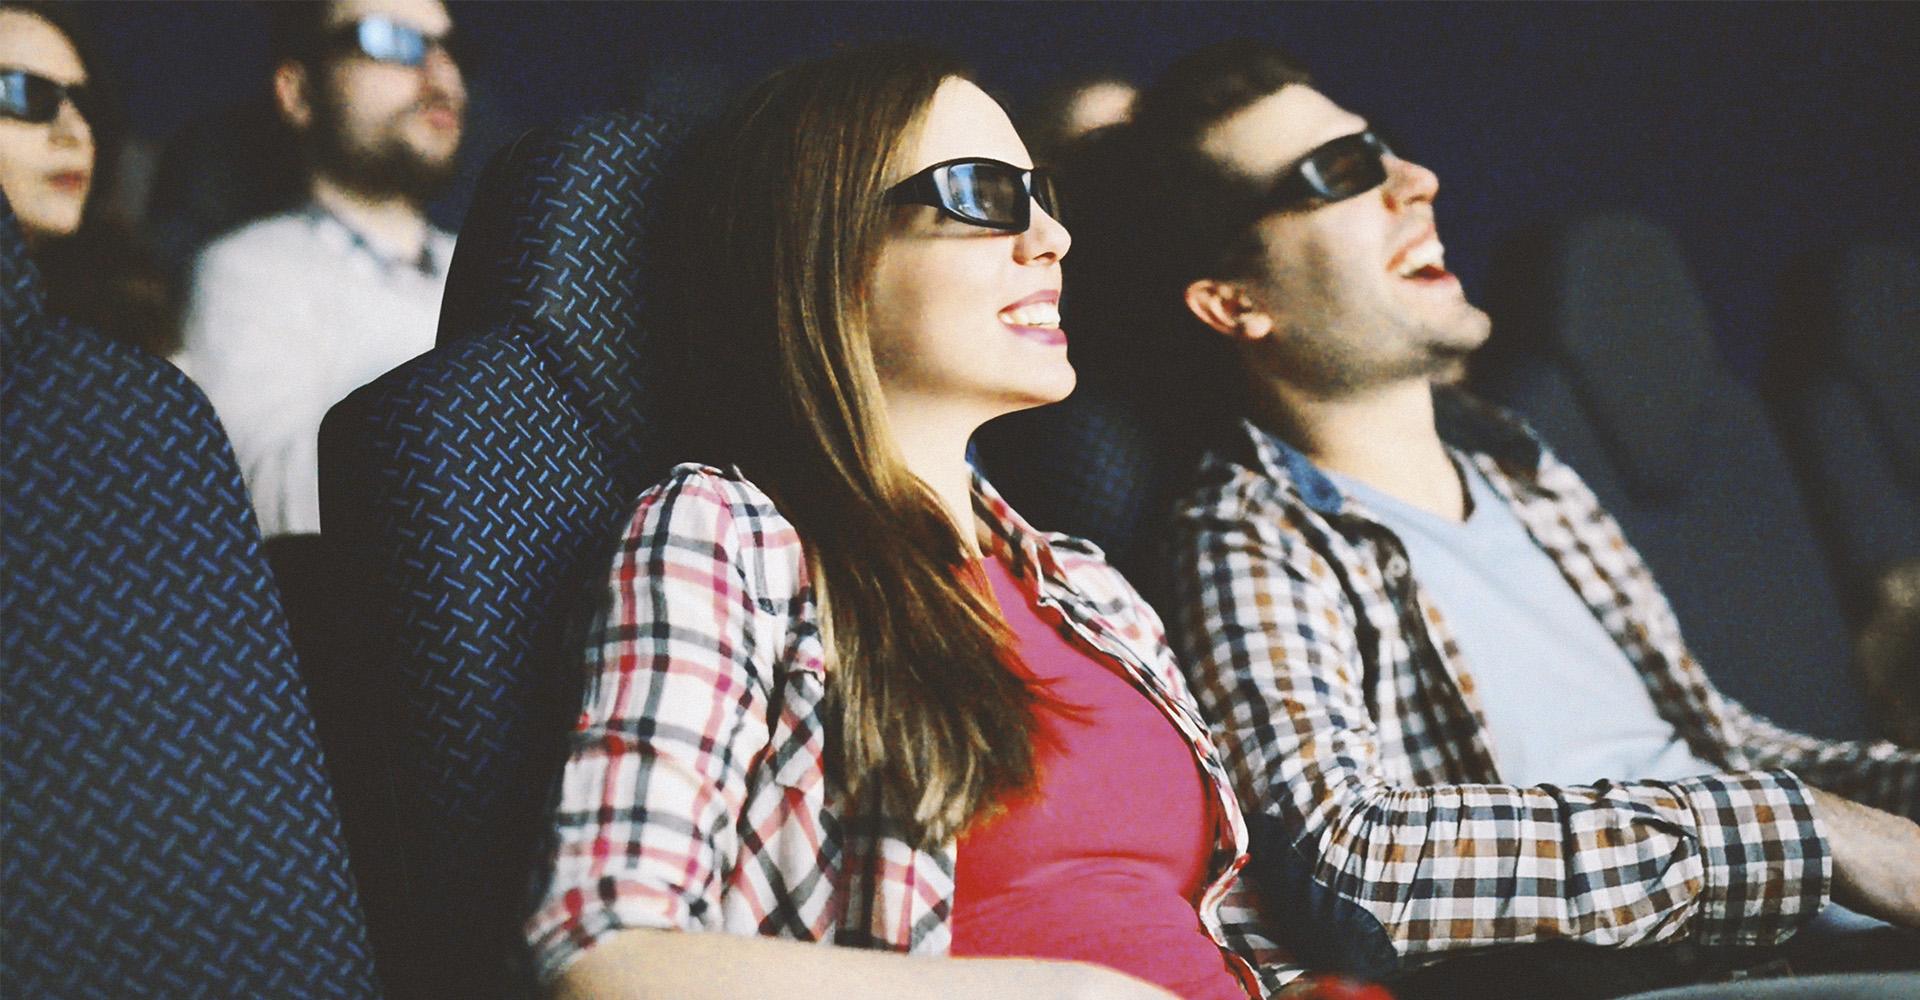 Kinobesucher mit 3D-Polarisationsbrillen